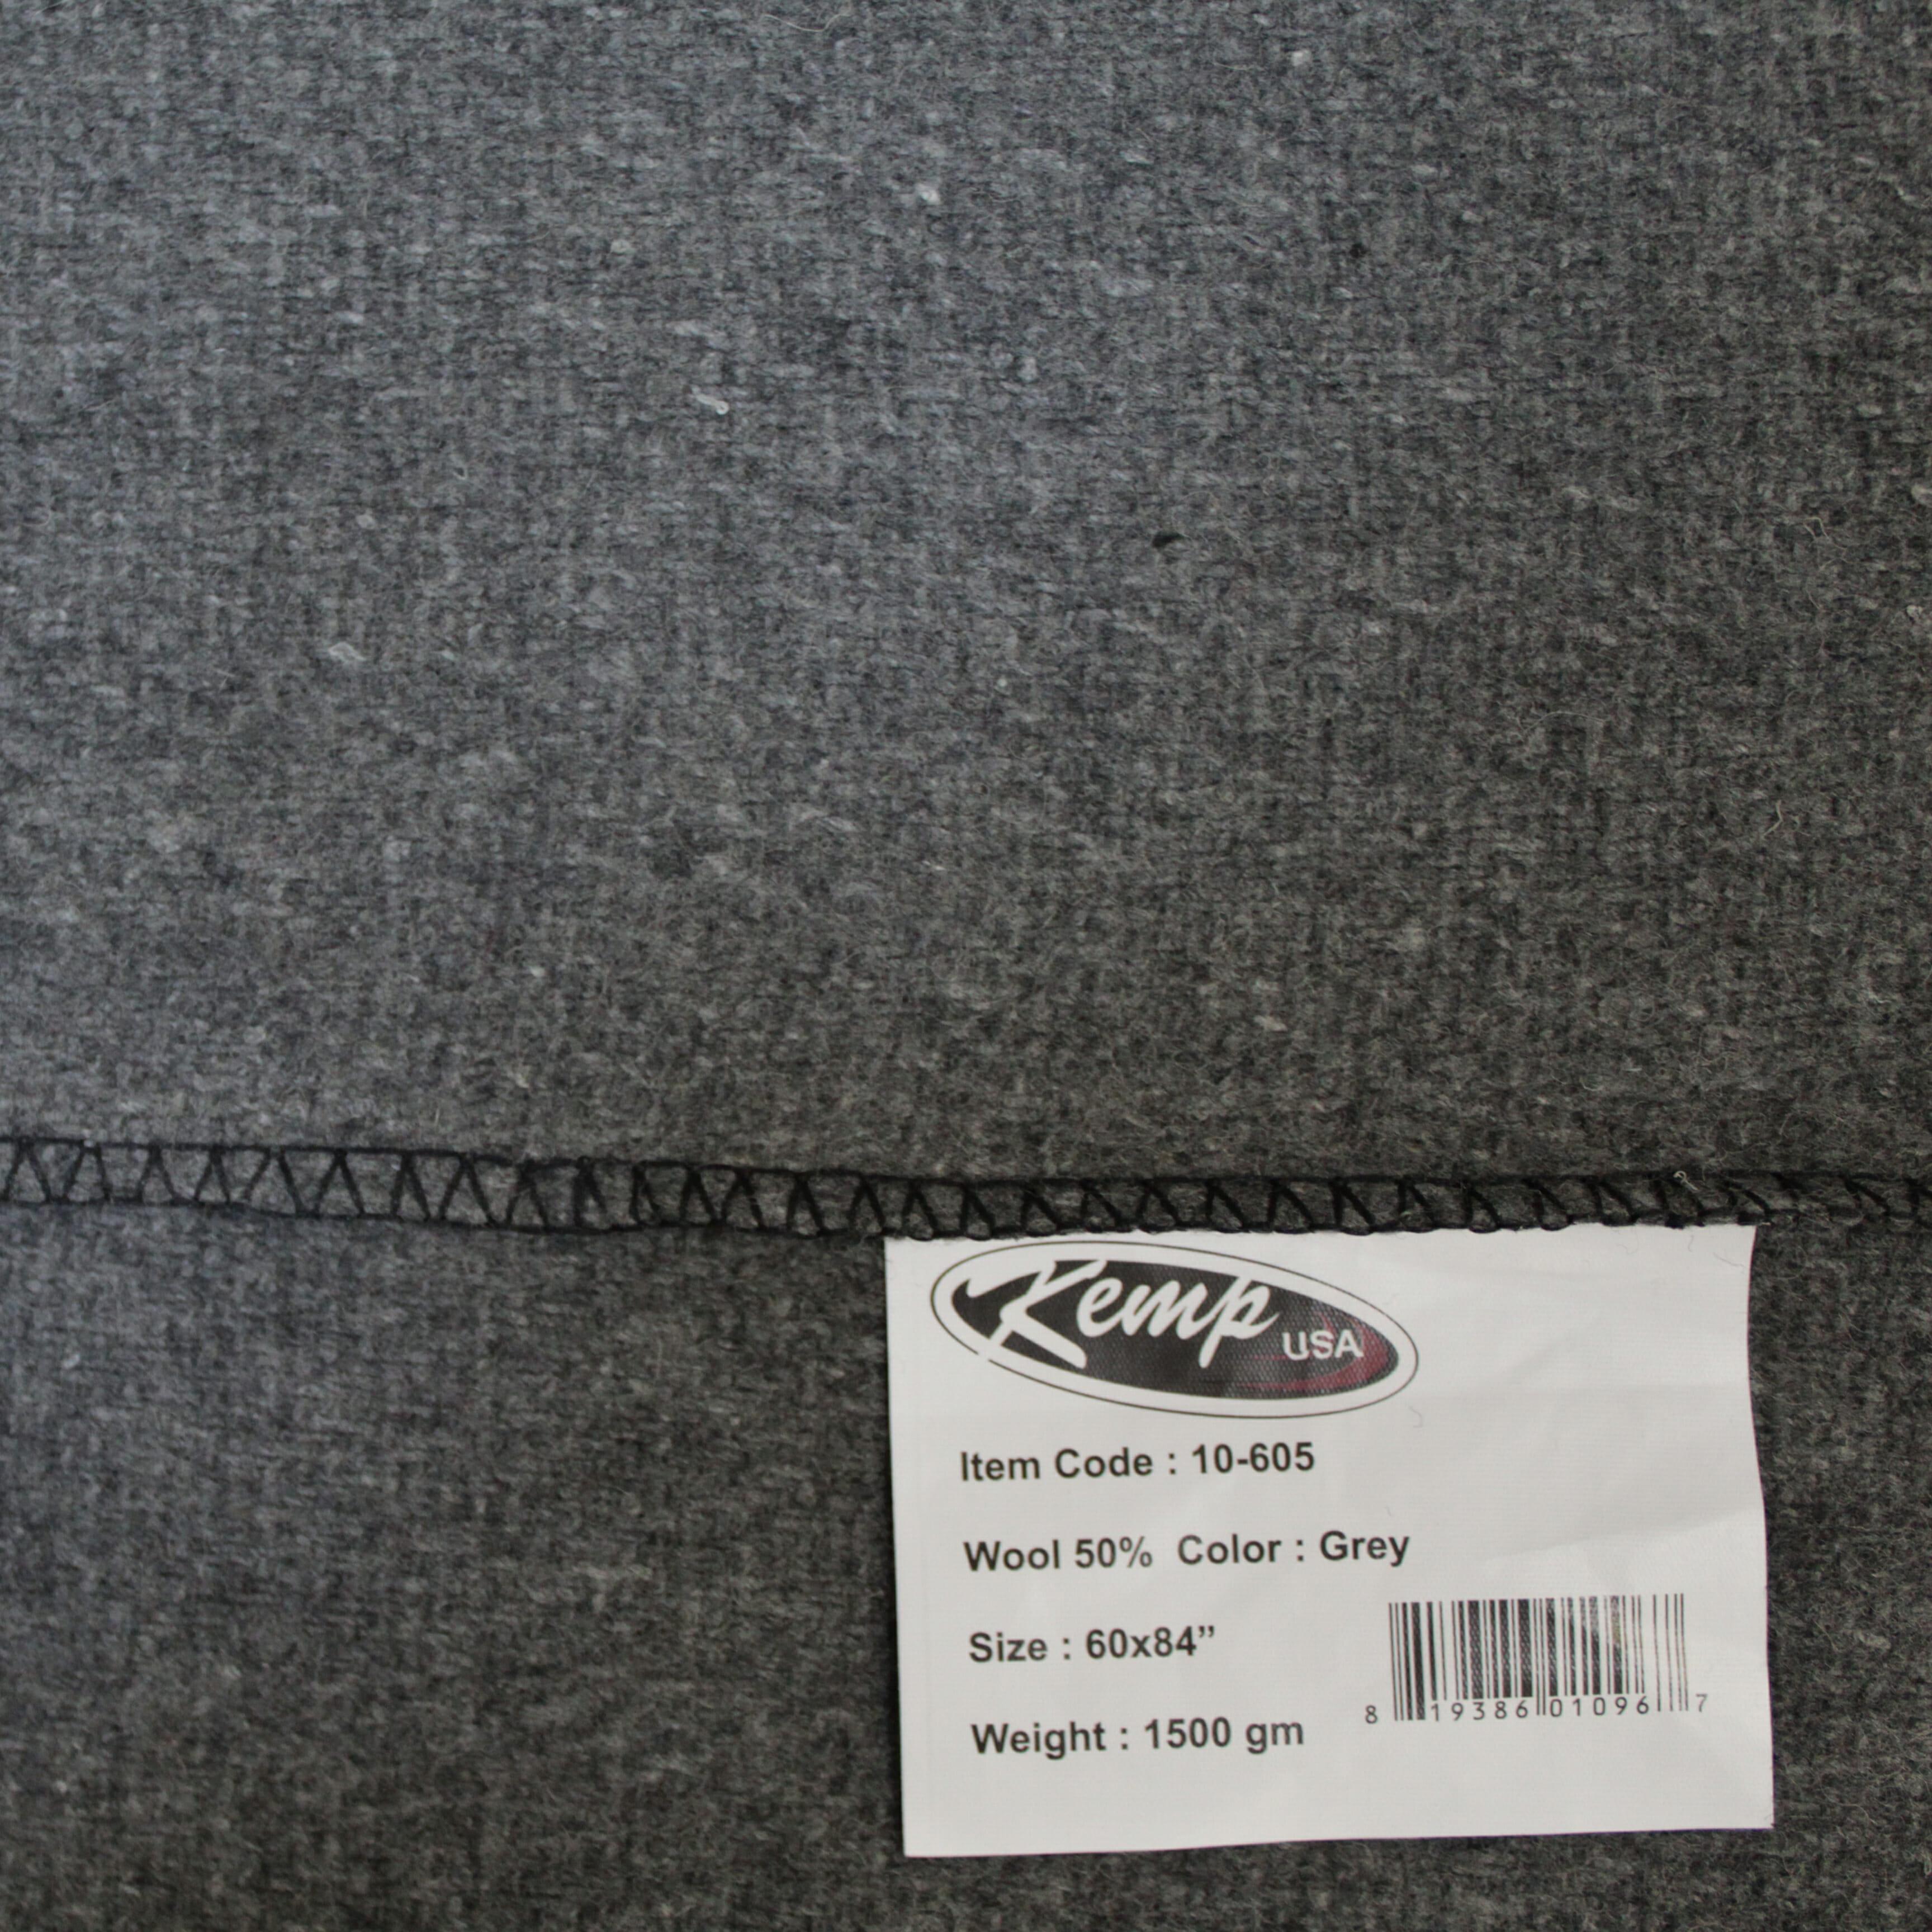 KEMP Grey Blanket 50% Wool